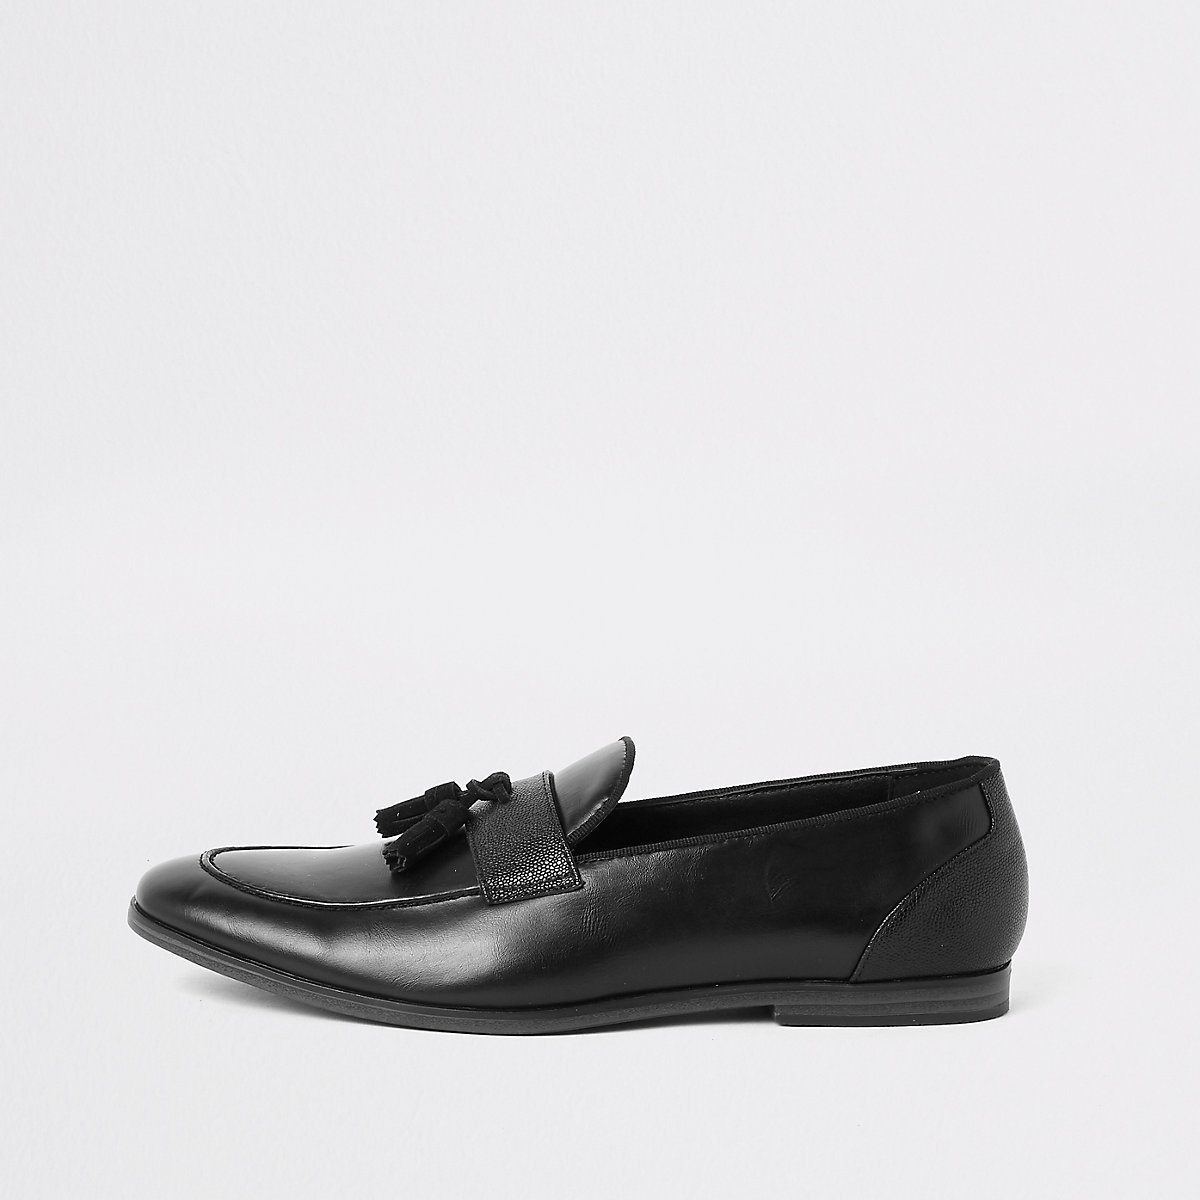 Black tassel front loafers